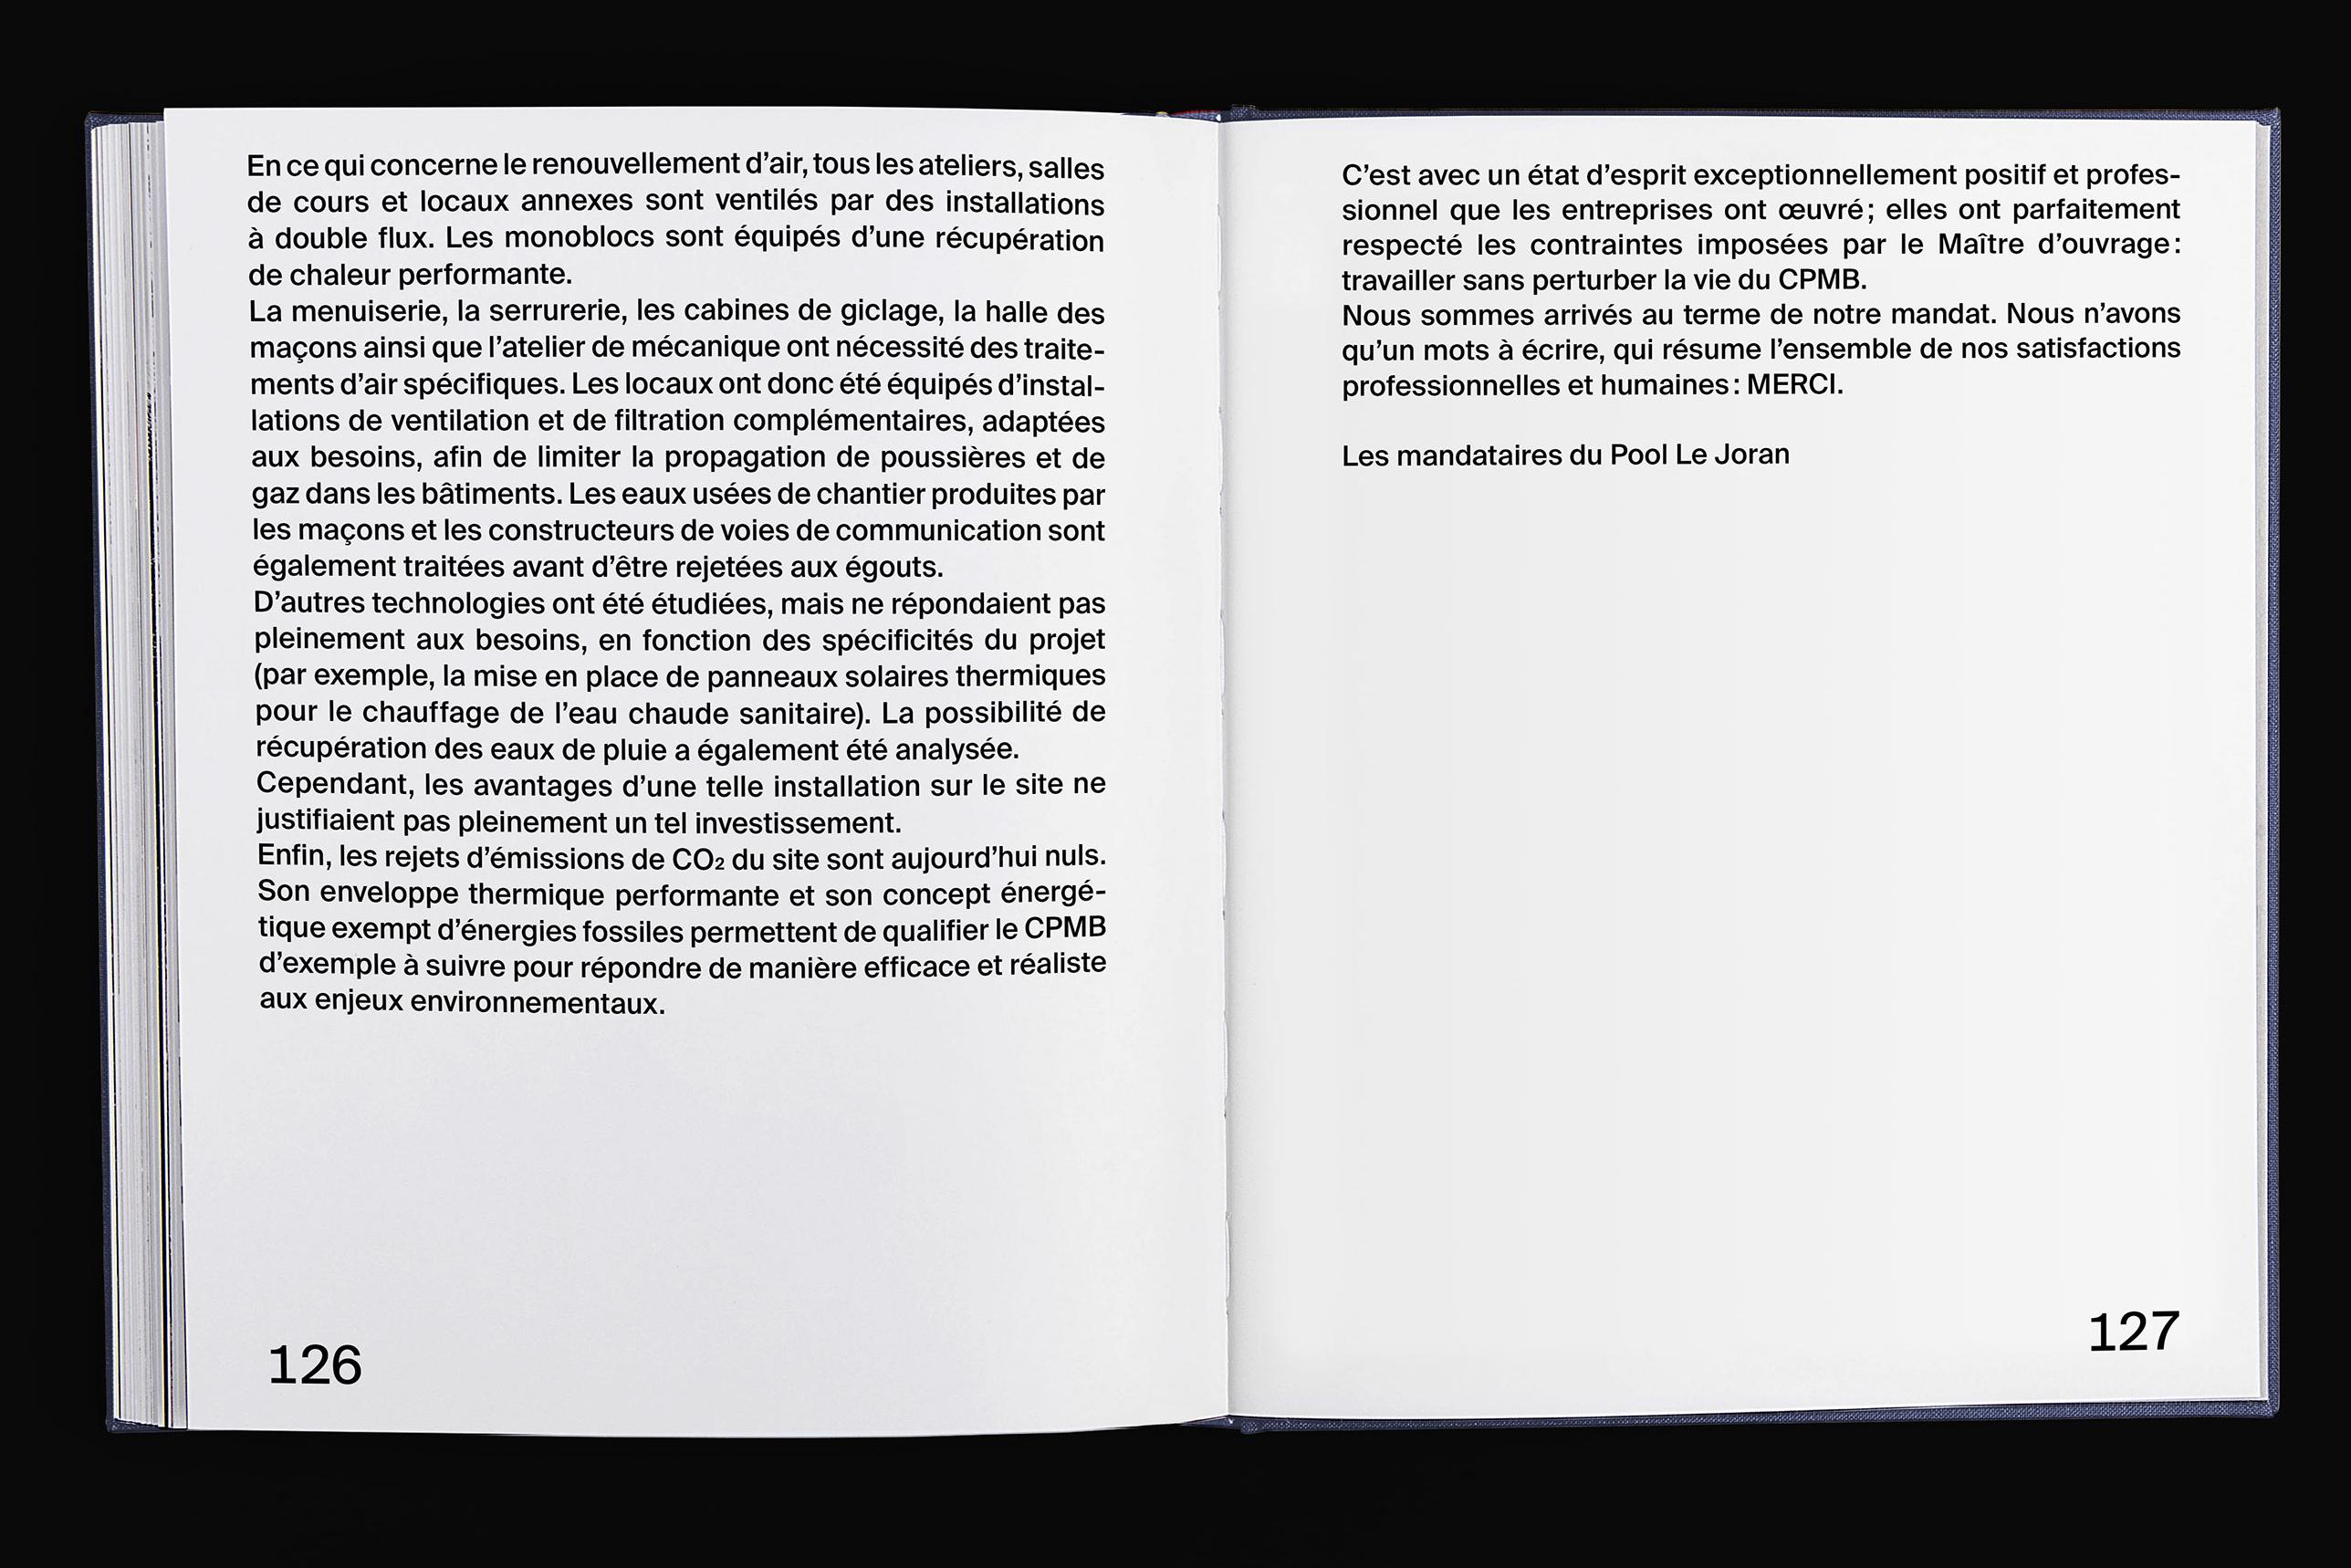 CPMB_book_8